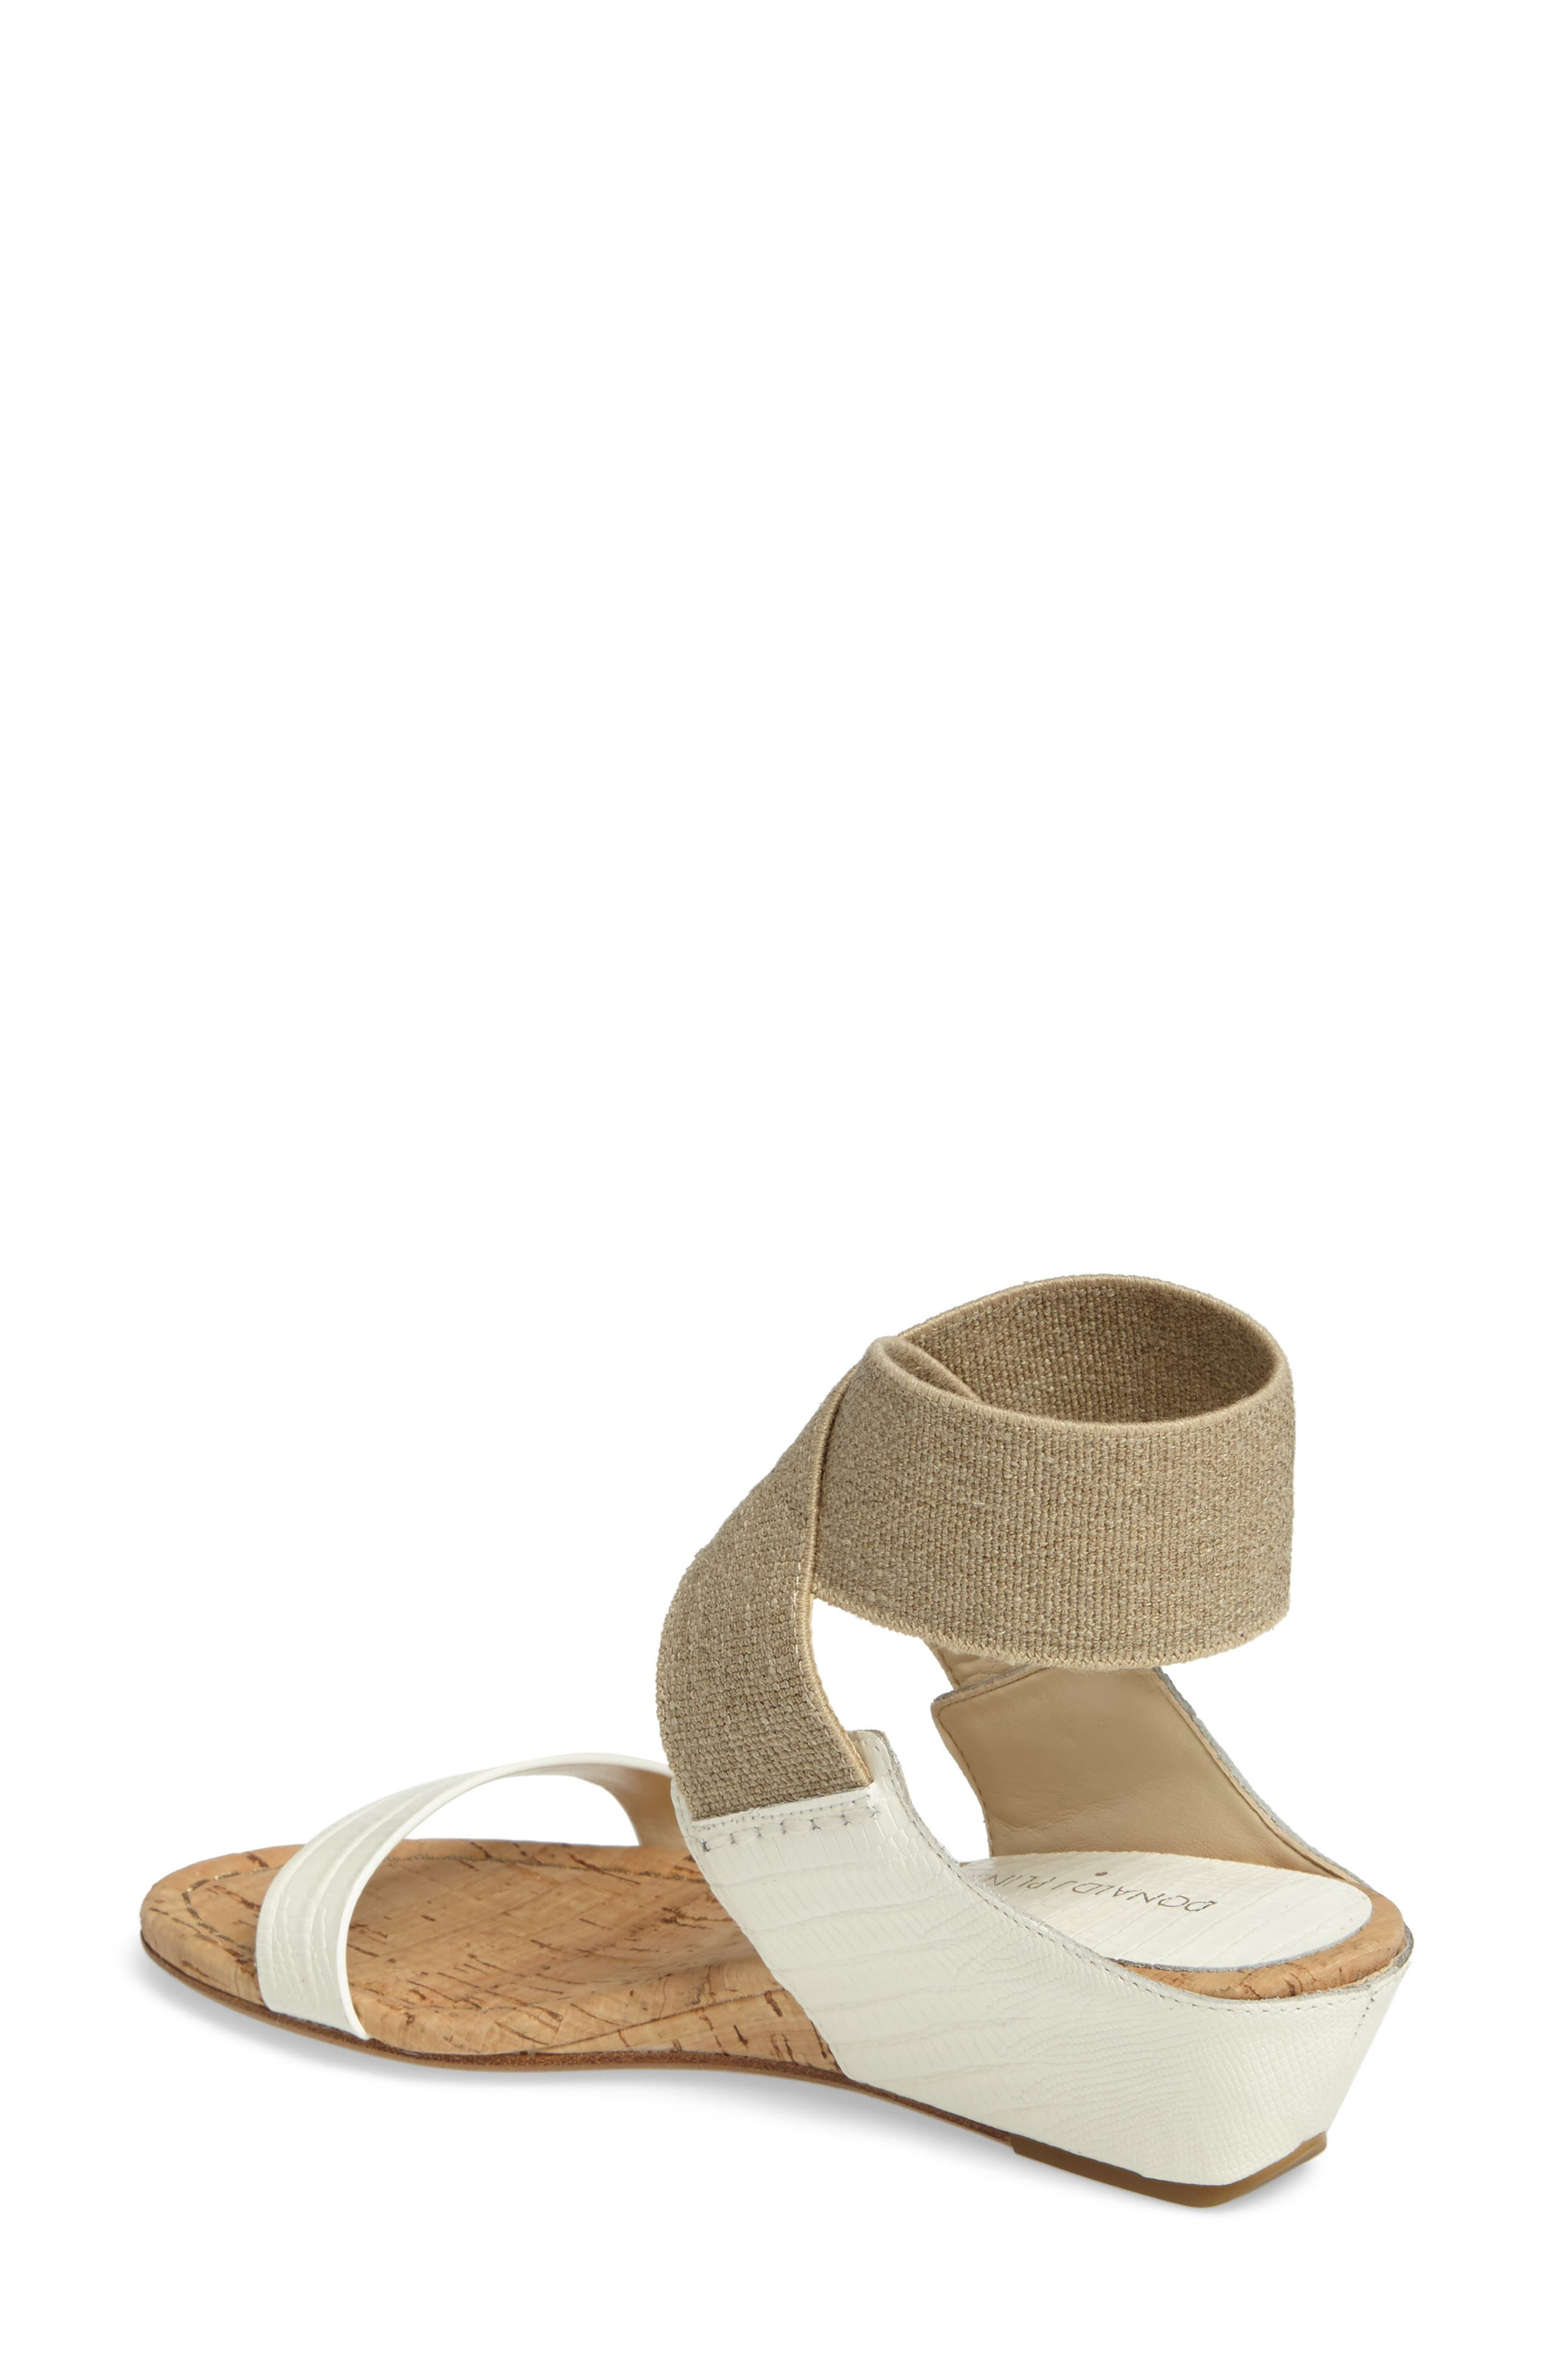 Alternate Image 2  - Donald J Pliner Eeva Wedge Sandal (Women)